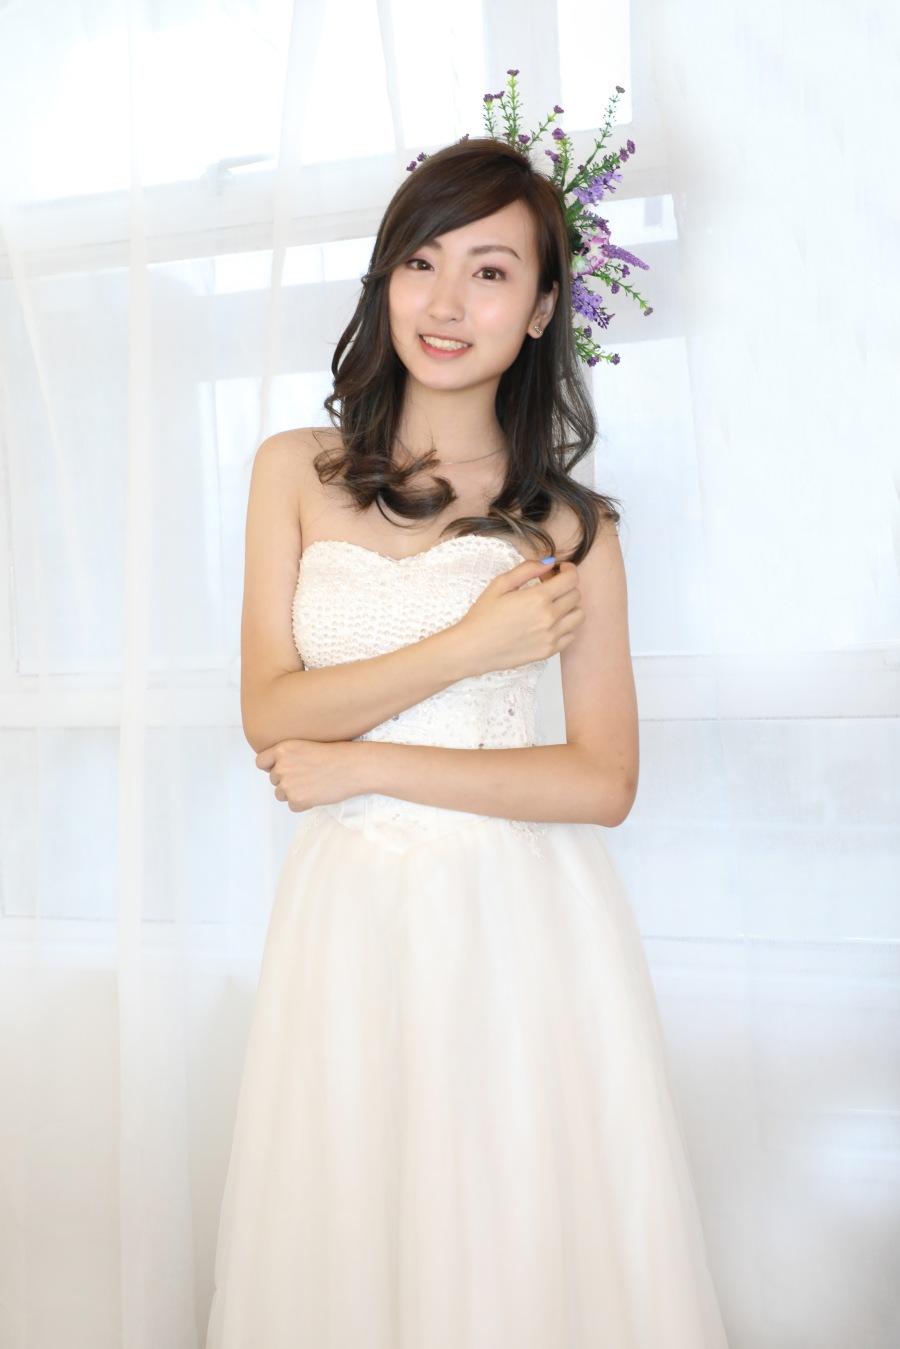 Korean Wedding Hair & Makeup Service a2